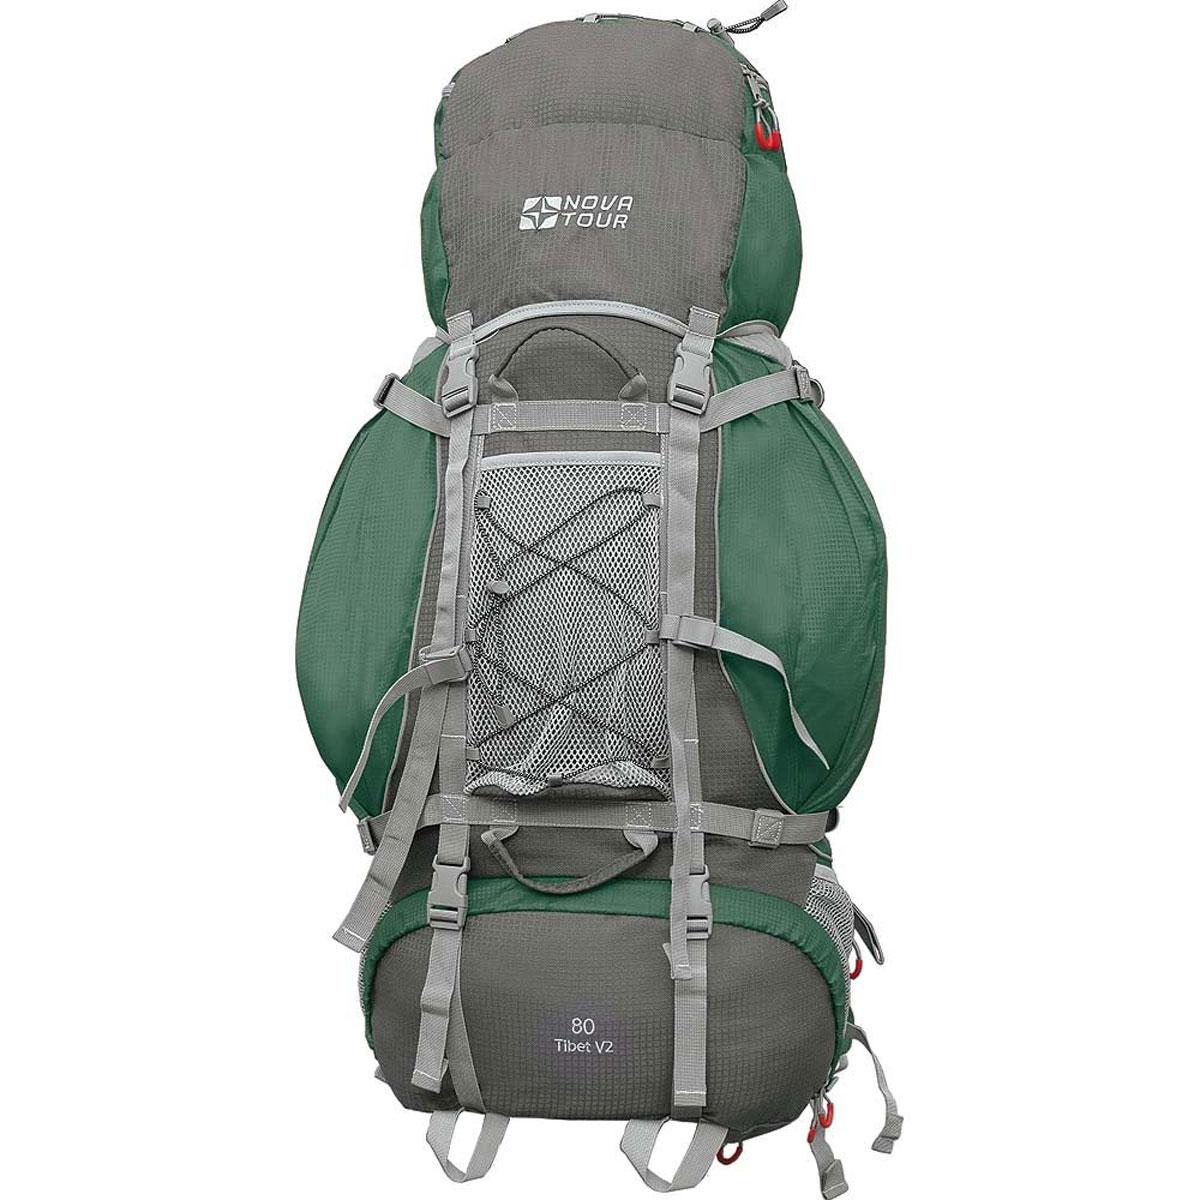 Рюкзак туристический Nova Tour Тибет 80 V2, цвет: серый, зеленый. 11183-350-0011183-350-00Прочный рюкзак большого объема для классического туризма. Вы можете не ограничивать себя в количестве вещей, ведь этот рюкзак с двумя вместительными карманами на молнии, сетчатыми карманами для фляги и мелочей по обеим бокам рюкзака, а также объемным клапаном. Ваша спина не устанет во время длительных переходов с удобной подвесной системой, разработанной специально для переноски тяжелых грузов. Удобство при погрузке рюкзака в транспорт обеспечивают три усиленных ручки. Если в пути застанет дождь или снег не беда! В специальном кармане на дне рюкзака упакован непромокаемый гермочехол. На концах боковых стяжек имеются липучки для закрепления излишков стропы.Особенности:Прочная ткань с непромокаемой пропиткой.Сетчатый материал, отводящий влагу от вашего тела. Применяется на лямках, спинках и поясе рюкзака.Светоотражающий кант - для обеспечения безопасности в темное время суток.Съемный чехол для защиты от влаги и грязи, размещенный в специальном кармане рюкзака.Грудная стяжка для правильной фиксации лямок рюкзака и предотвращения их соскальзывания.Молния специальной конструкции для защиты от попадания влаги.Надежная и удобная фиксация вашего снаряжения снаружи рюкзака.Подвеска: ABS 1.Ткань: Poly Oxford Ripstop.Объем: 80 л.